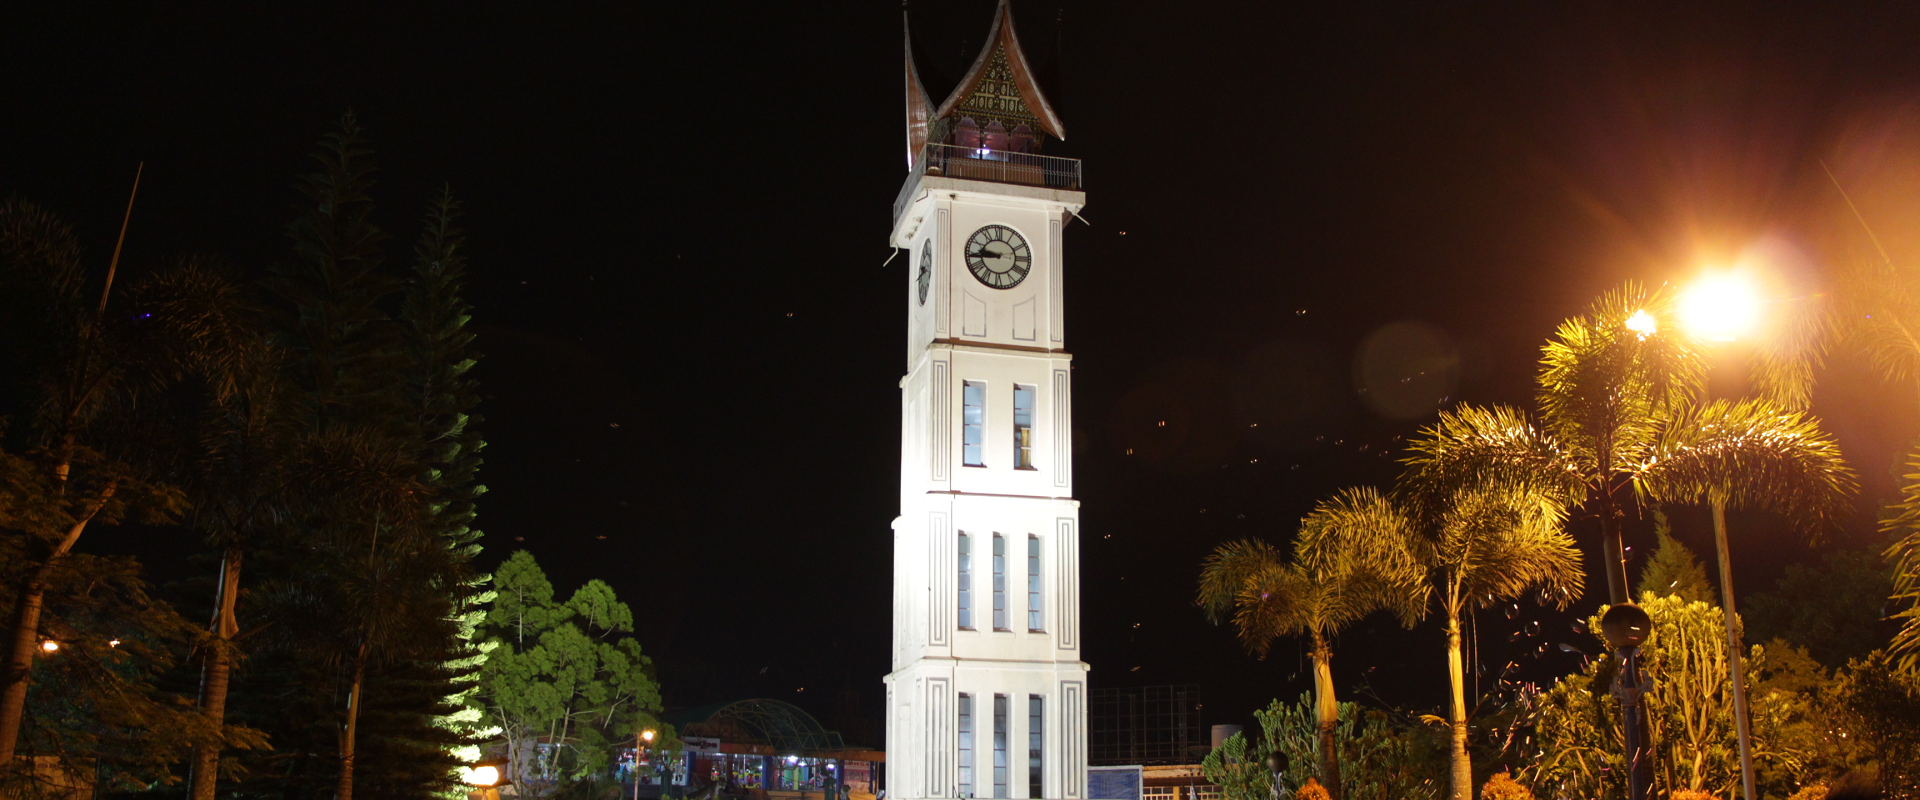 Paket Tour Padang 2 Hari 1 Malam : Akhir Pekan di Bukitttinggi